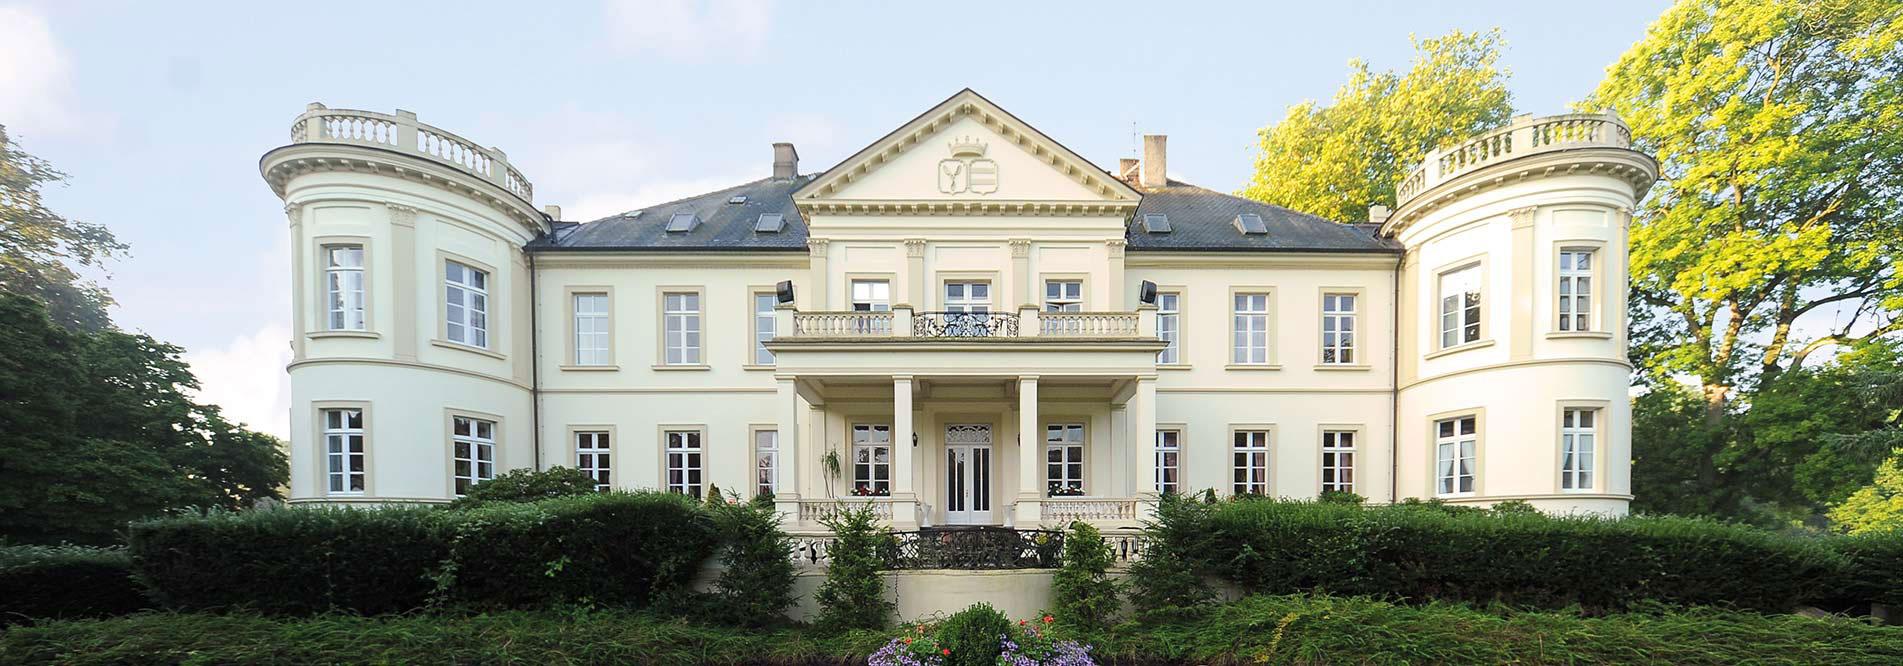 دانشگاه های مورد تأیید وزارت بهداشت در آلمان